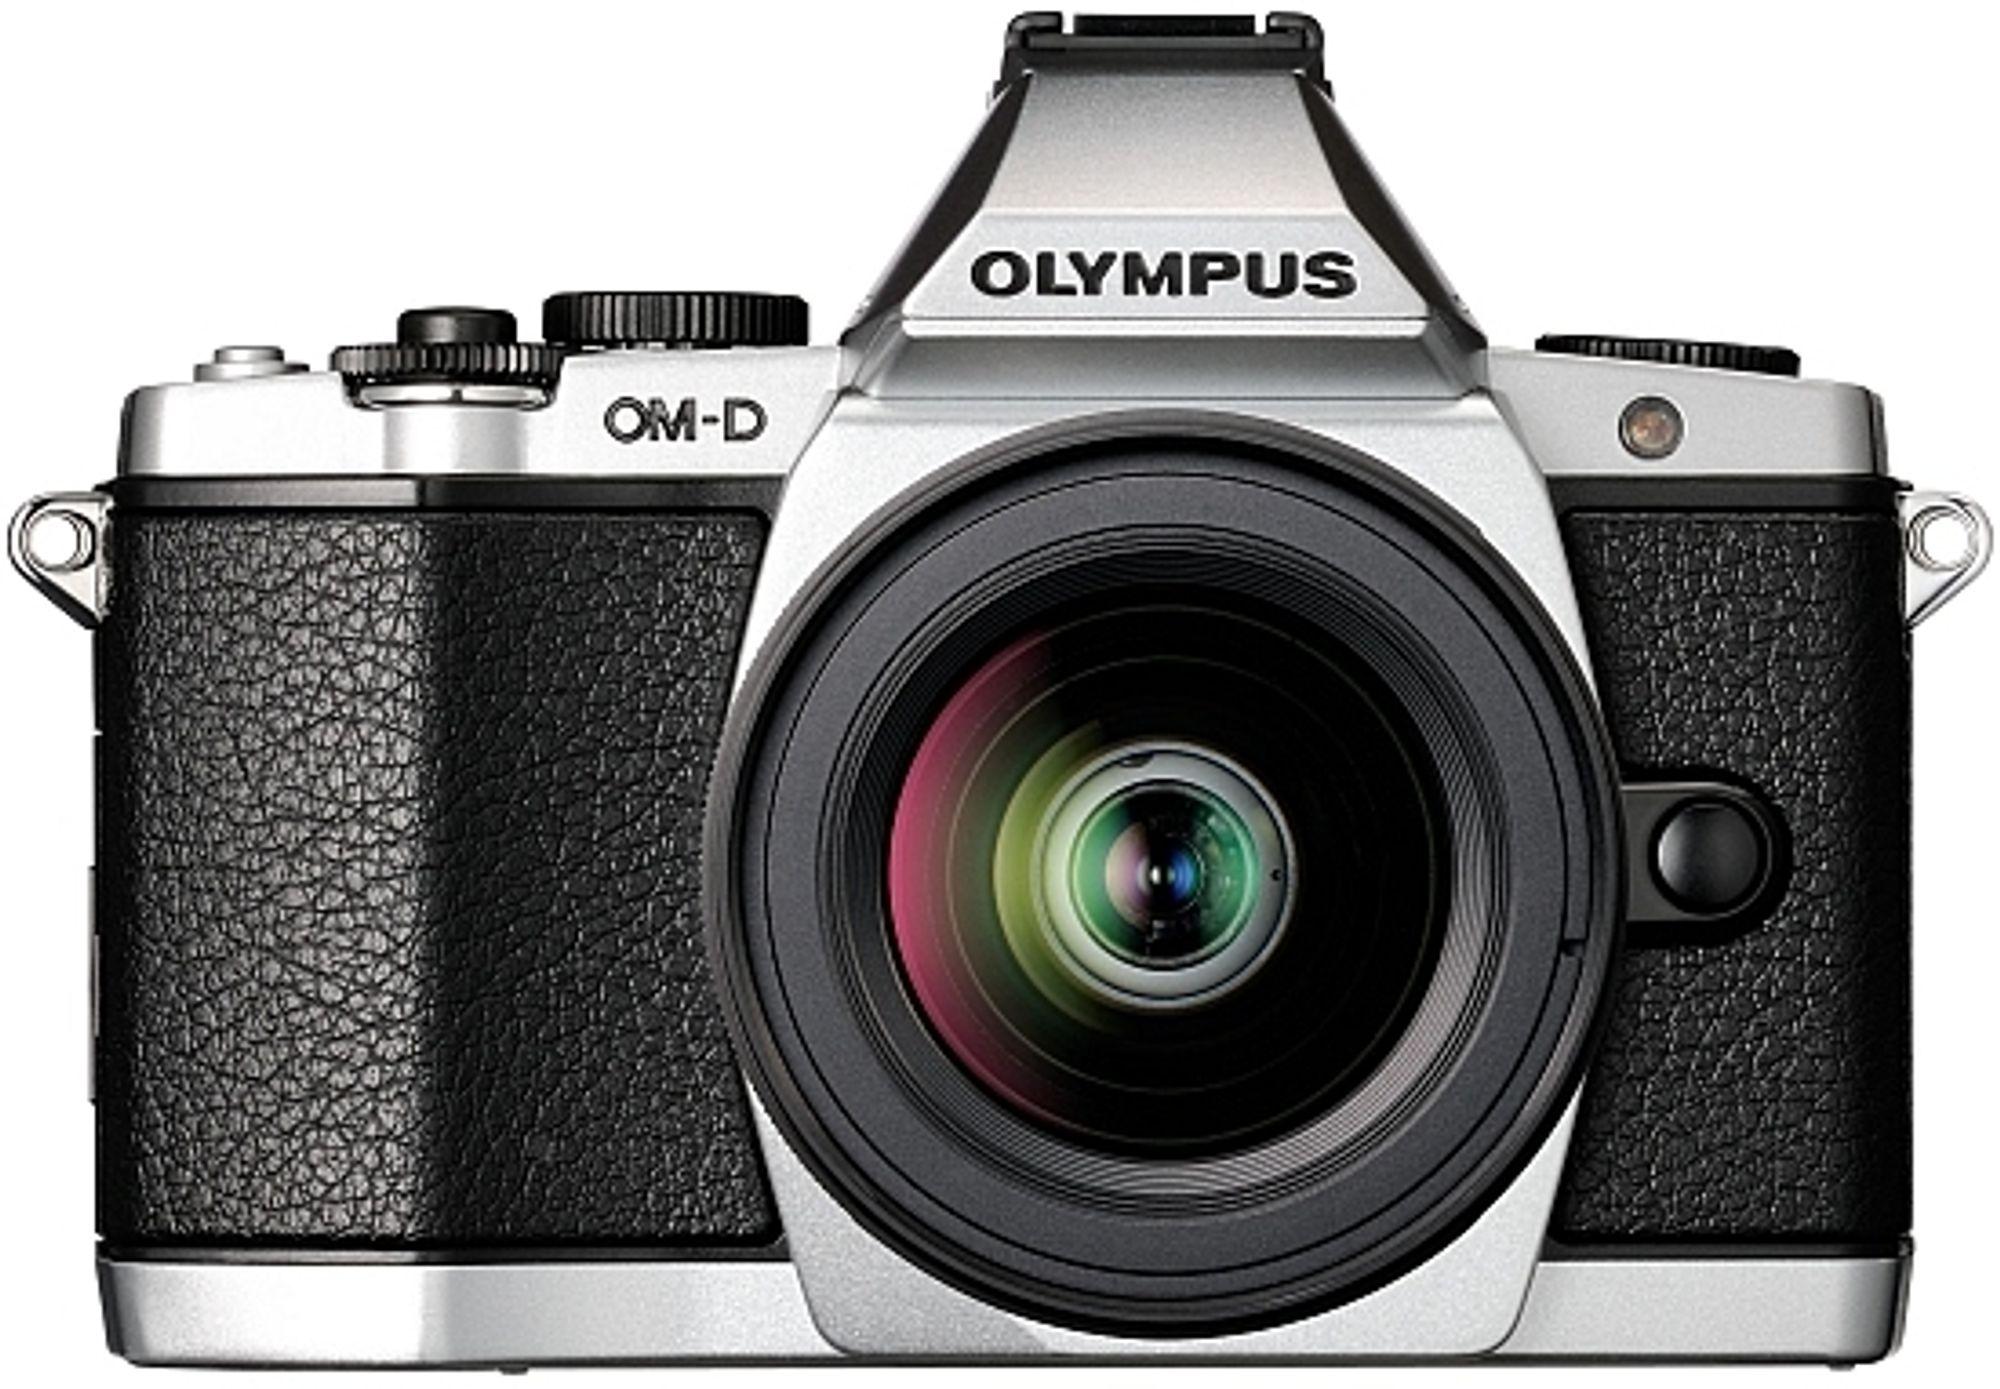 Olympus OM-D E-M5.